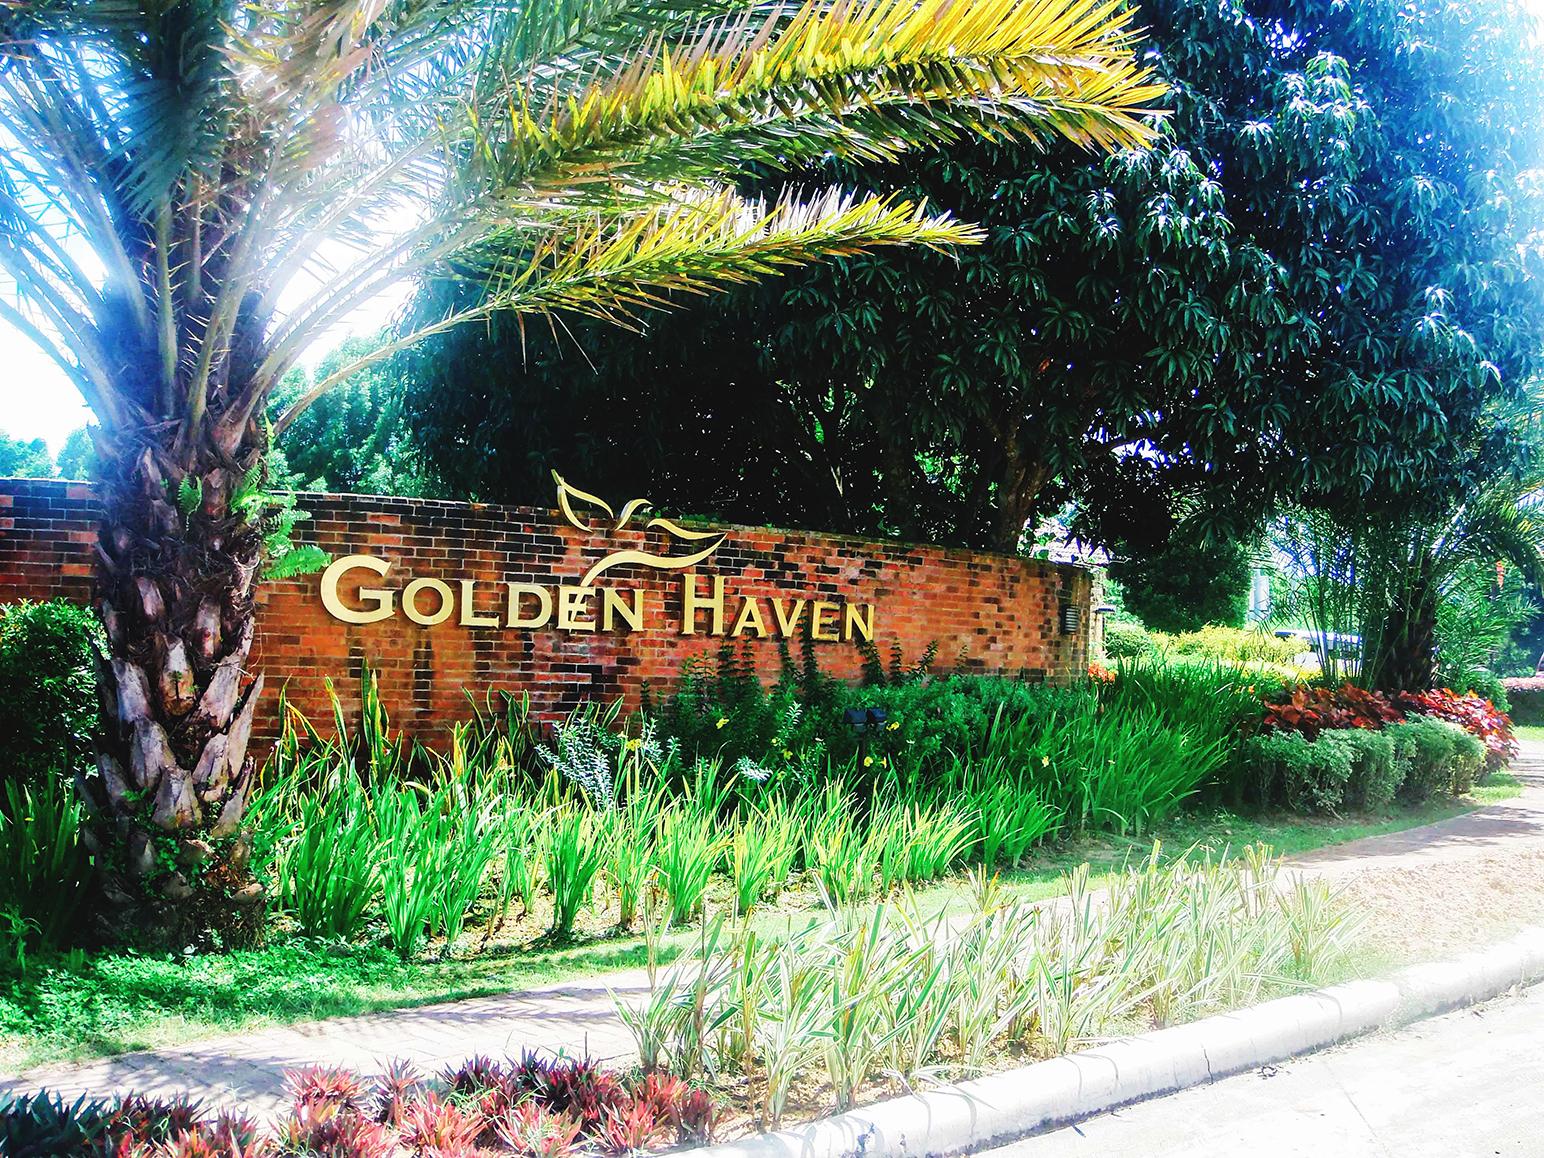 Golden Haven Signage